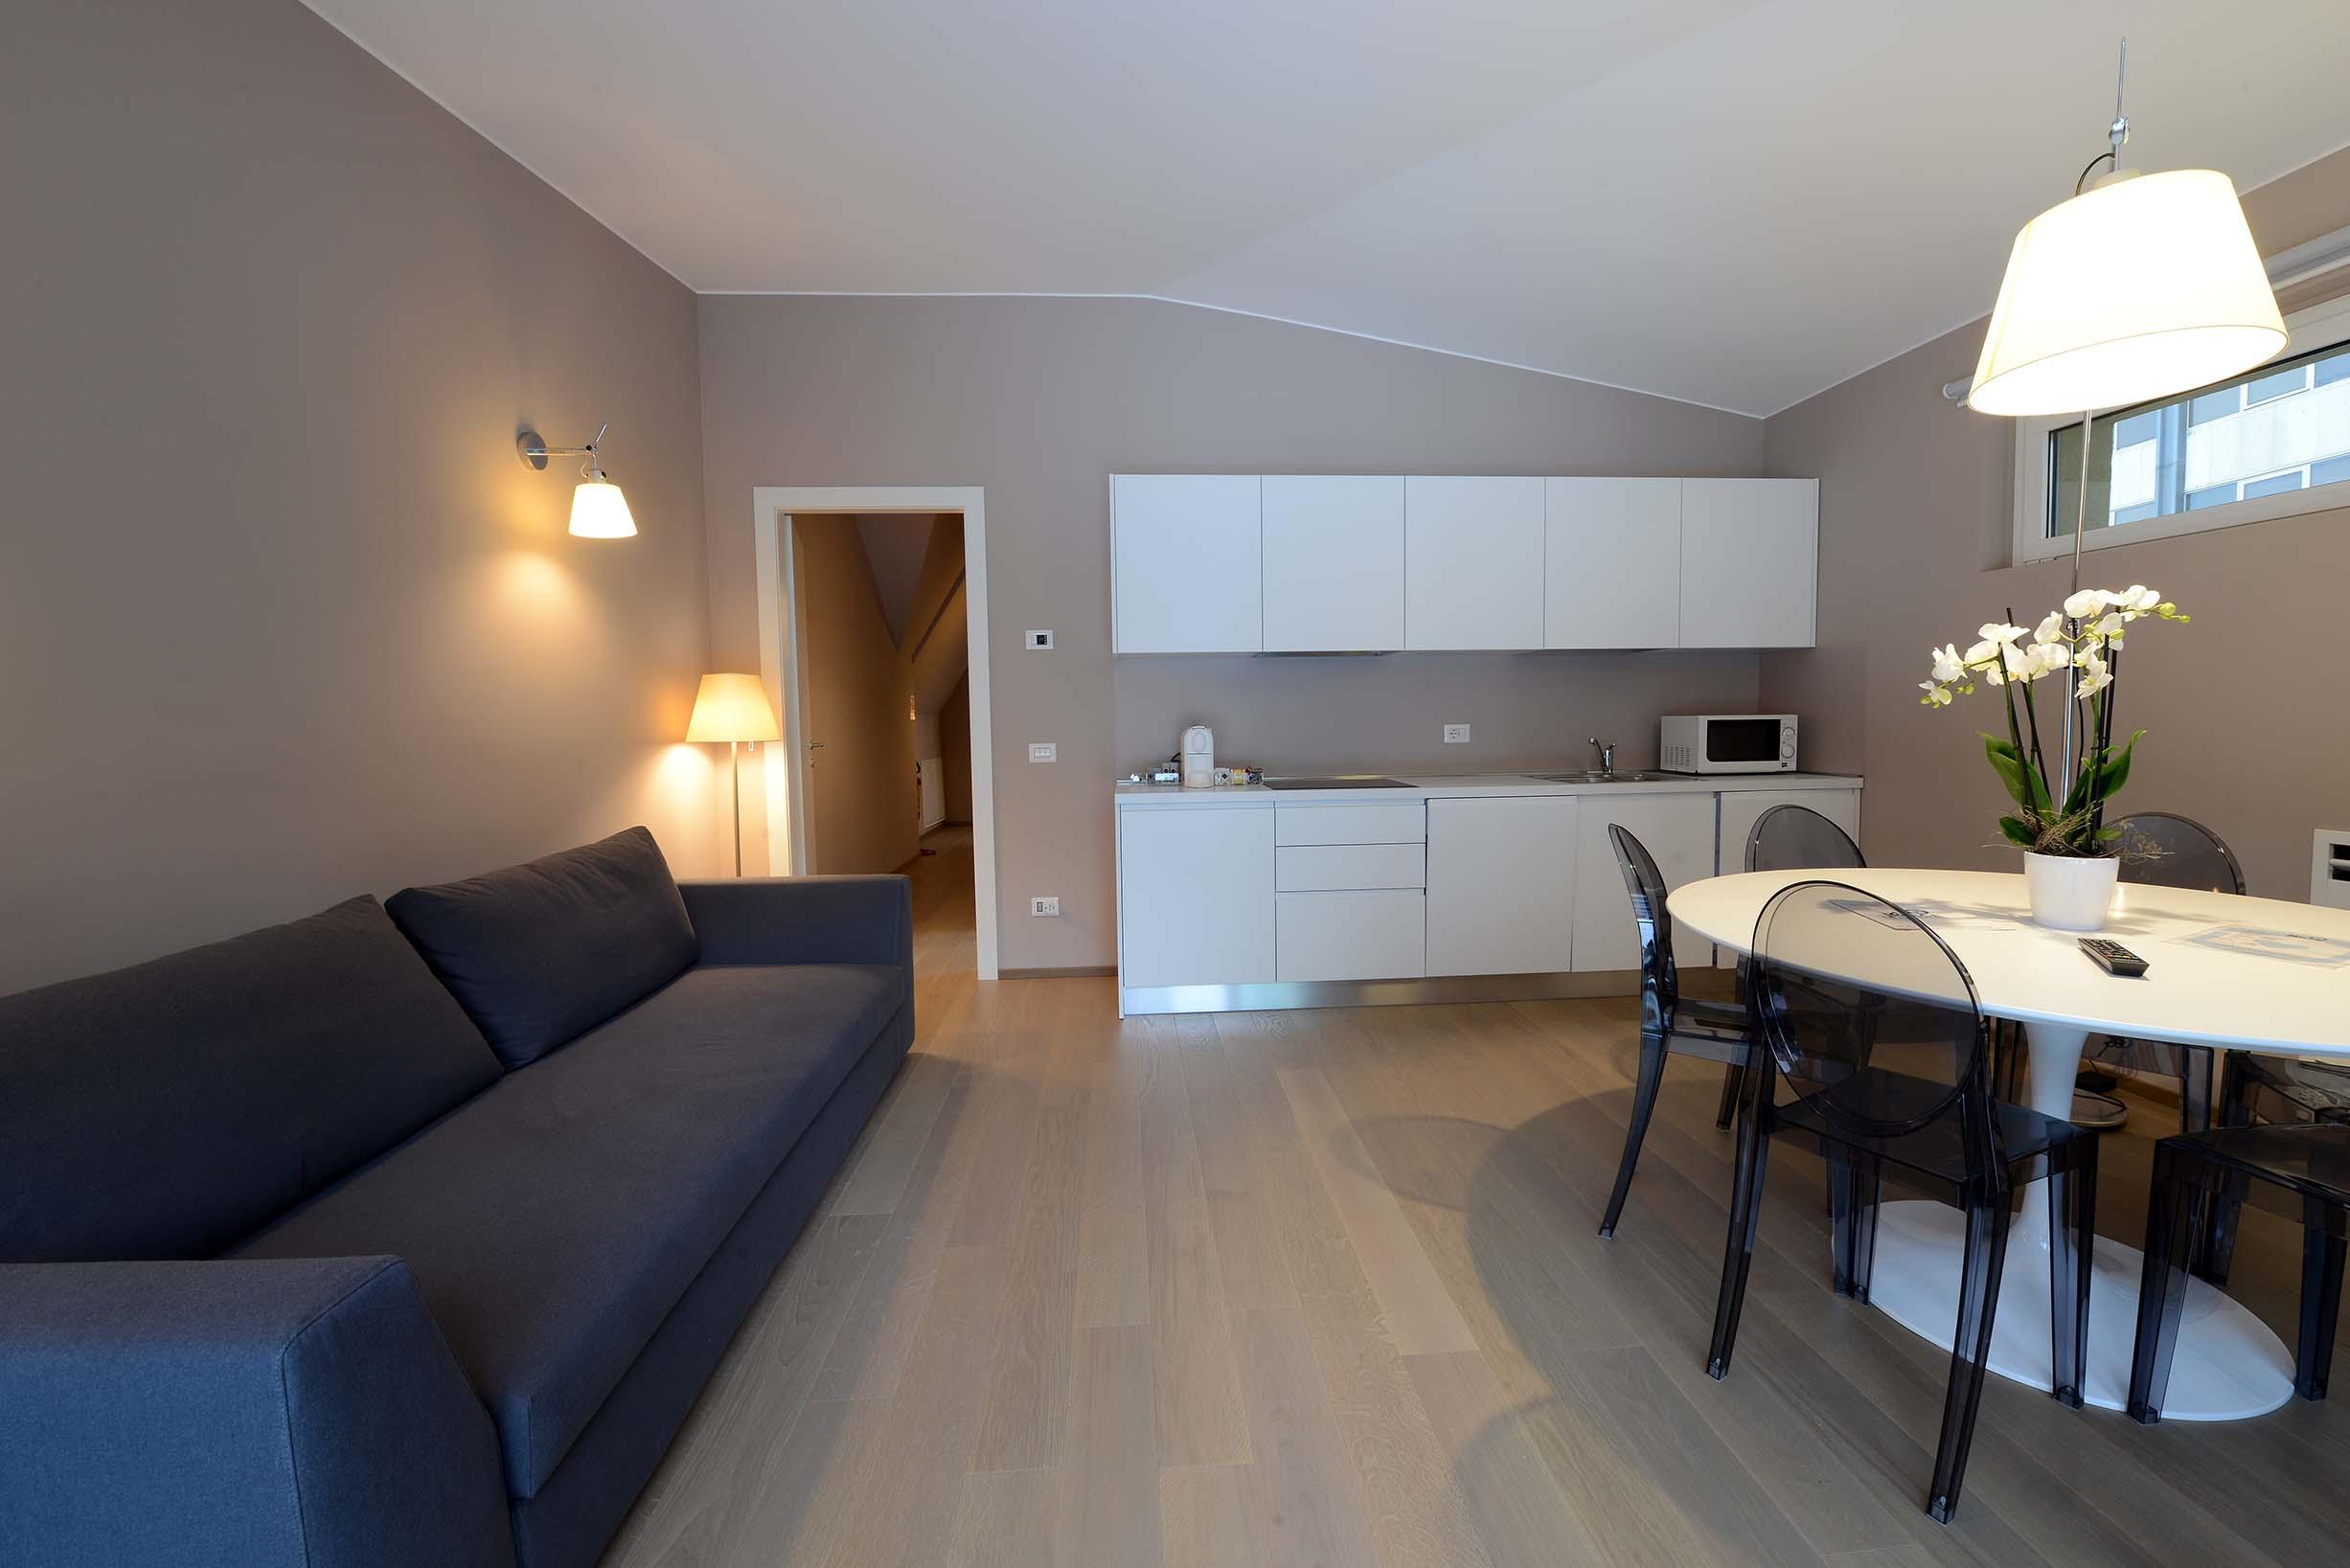 My place corso como milano attico interni for Corso design interni milano